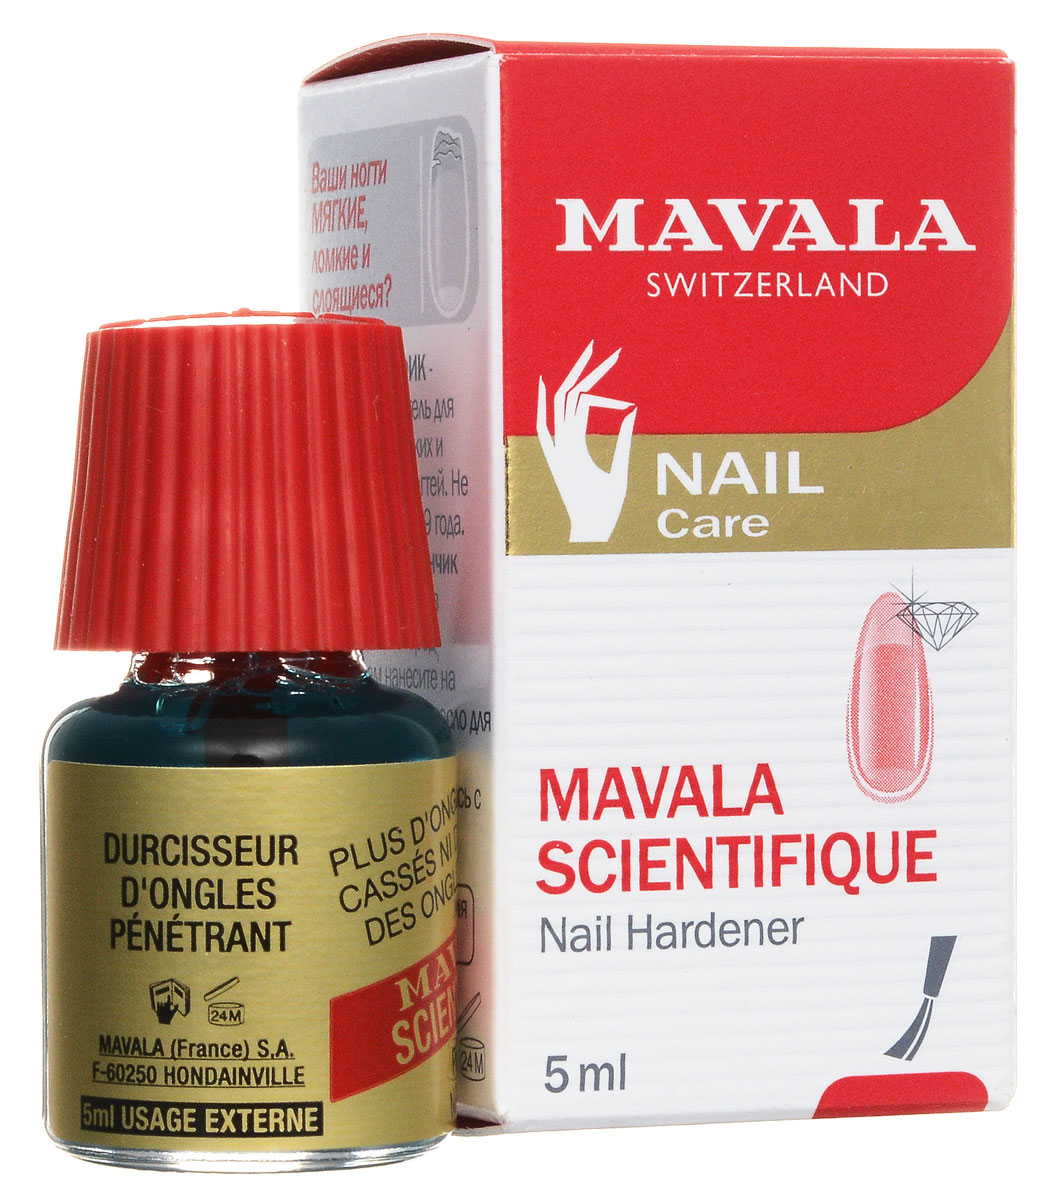 Mavala Средство для ногтей Scientifique, укрепляющее, с проникающим эффектом, 5 мл5010777139655Средство для ногтей Mavala Scientifique, с проникающим эффектом, оказывает лечебный проникающий эффект за счет склеивания слоев ногтевой пластины. Эффективно укрепляет мягкие, слоящиеся ногти, предотвращает расслаивание, делает ногтевую пластину твердой, восстанавливает нормальный рост ногтя. Применяется 1 или 2 раза в неделю. Флакон объемом 5 мл рассчитан на 1 год. Программа применения: 1 раз в неделю на протяжении первого месяца. 1 раз в две недели на протяжении второго месяца. 1-2 раза в месяц для профилактики или по необходимости.Не рекомендовано наносить под ноготь, на кутикулу или на кожу, чтобы избежать затвердения эпидермиса.Товар сертифицирован.